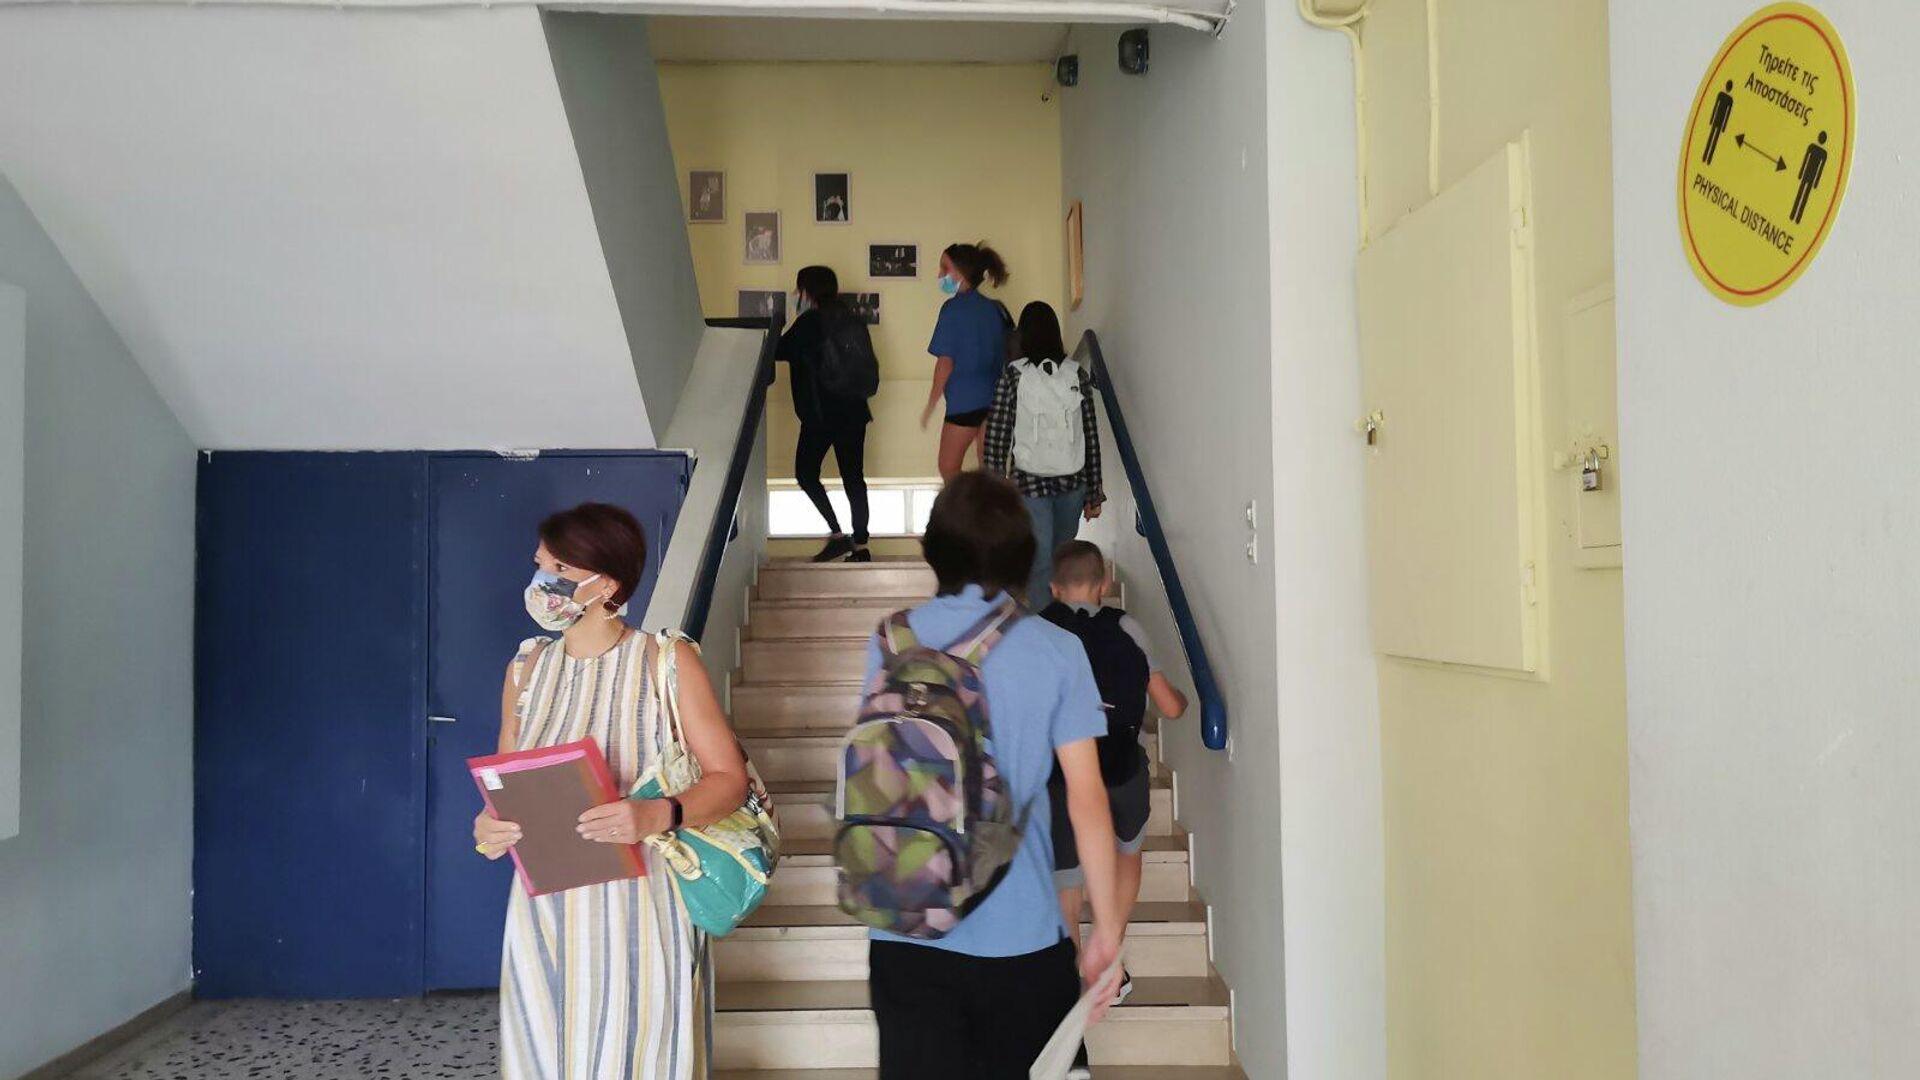 Άνοιξαν τα σχολεία με μέτρα για τους μαθητές και τους καθηγητές - Sputnik Ελλάδα, 1920, 21.09.2021